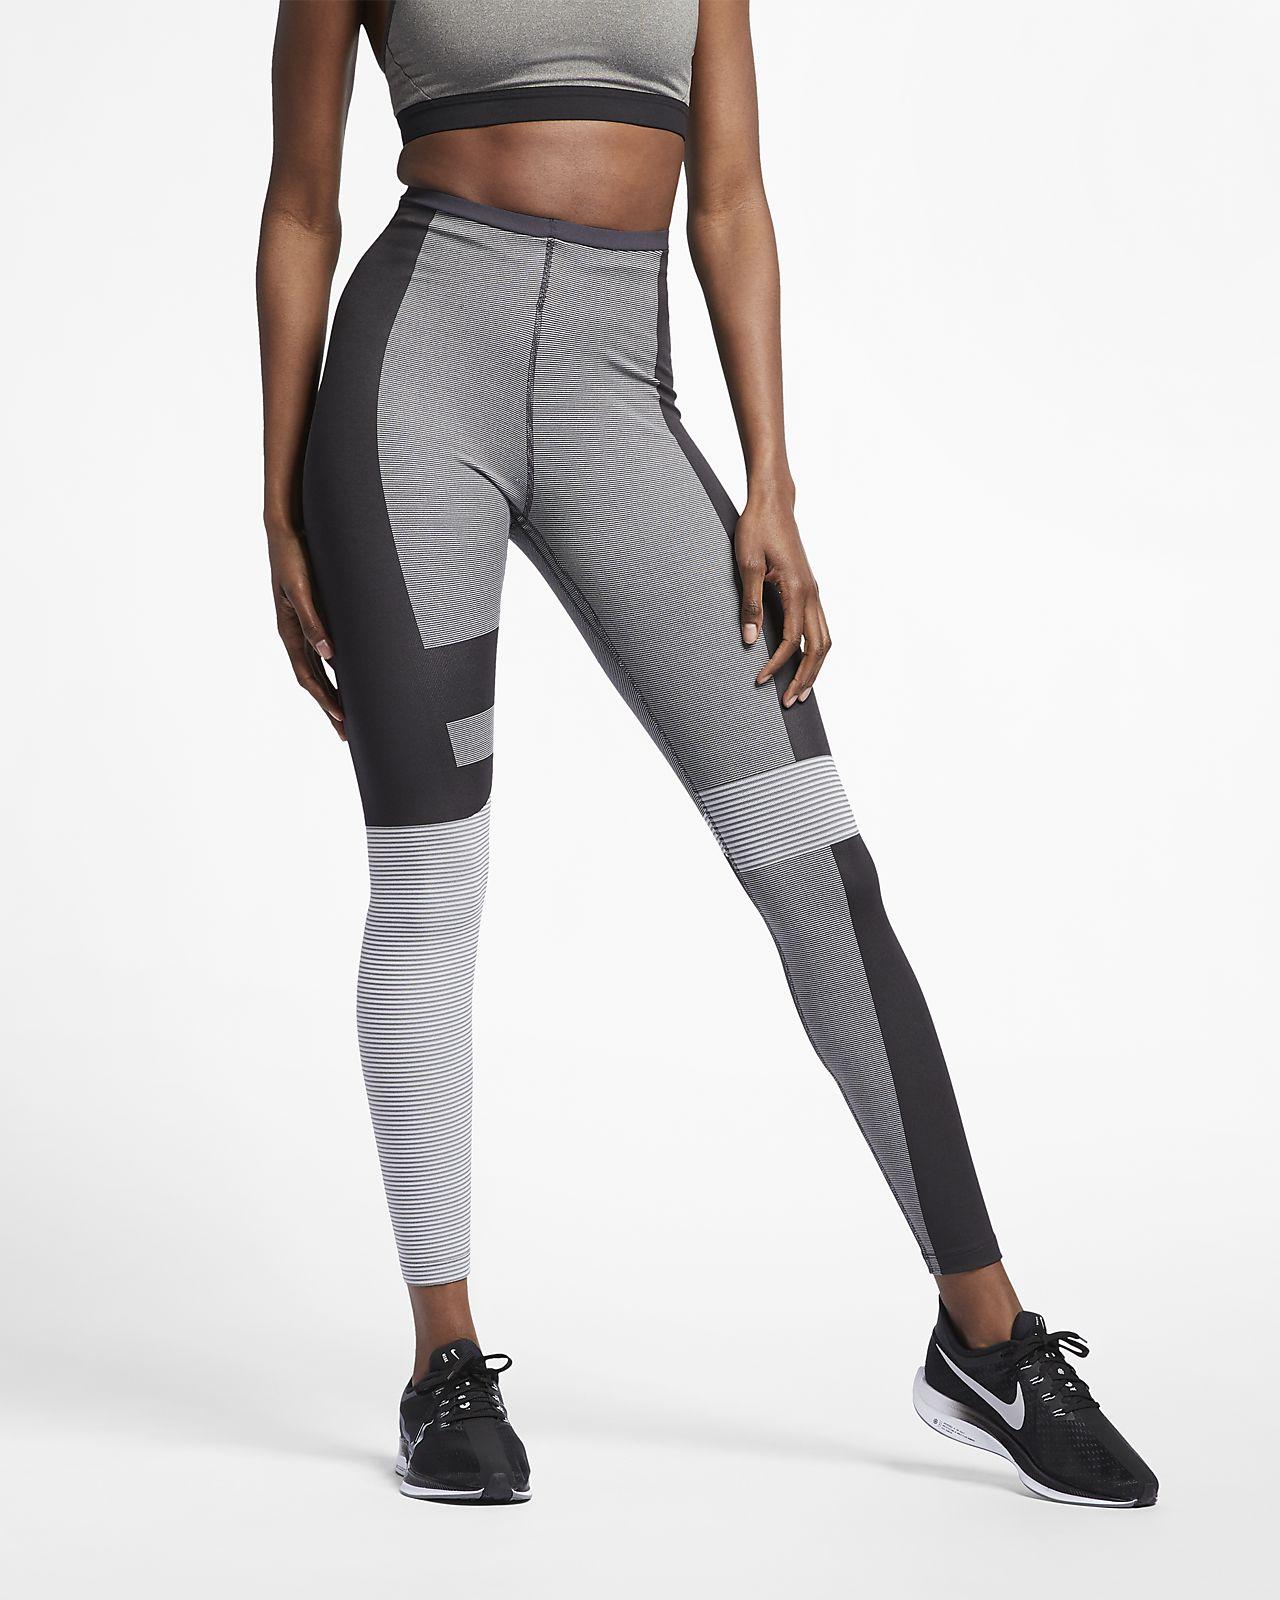 Nike Tech Malles de running - Dona